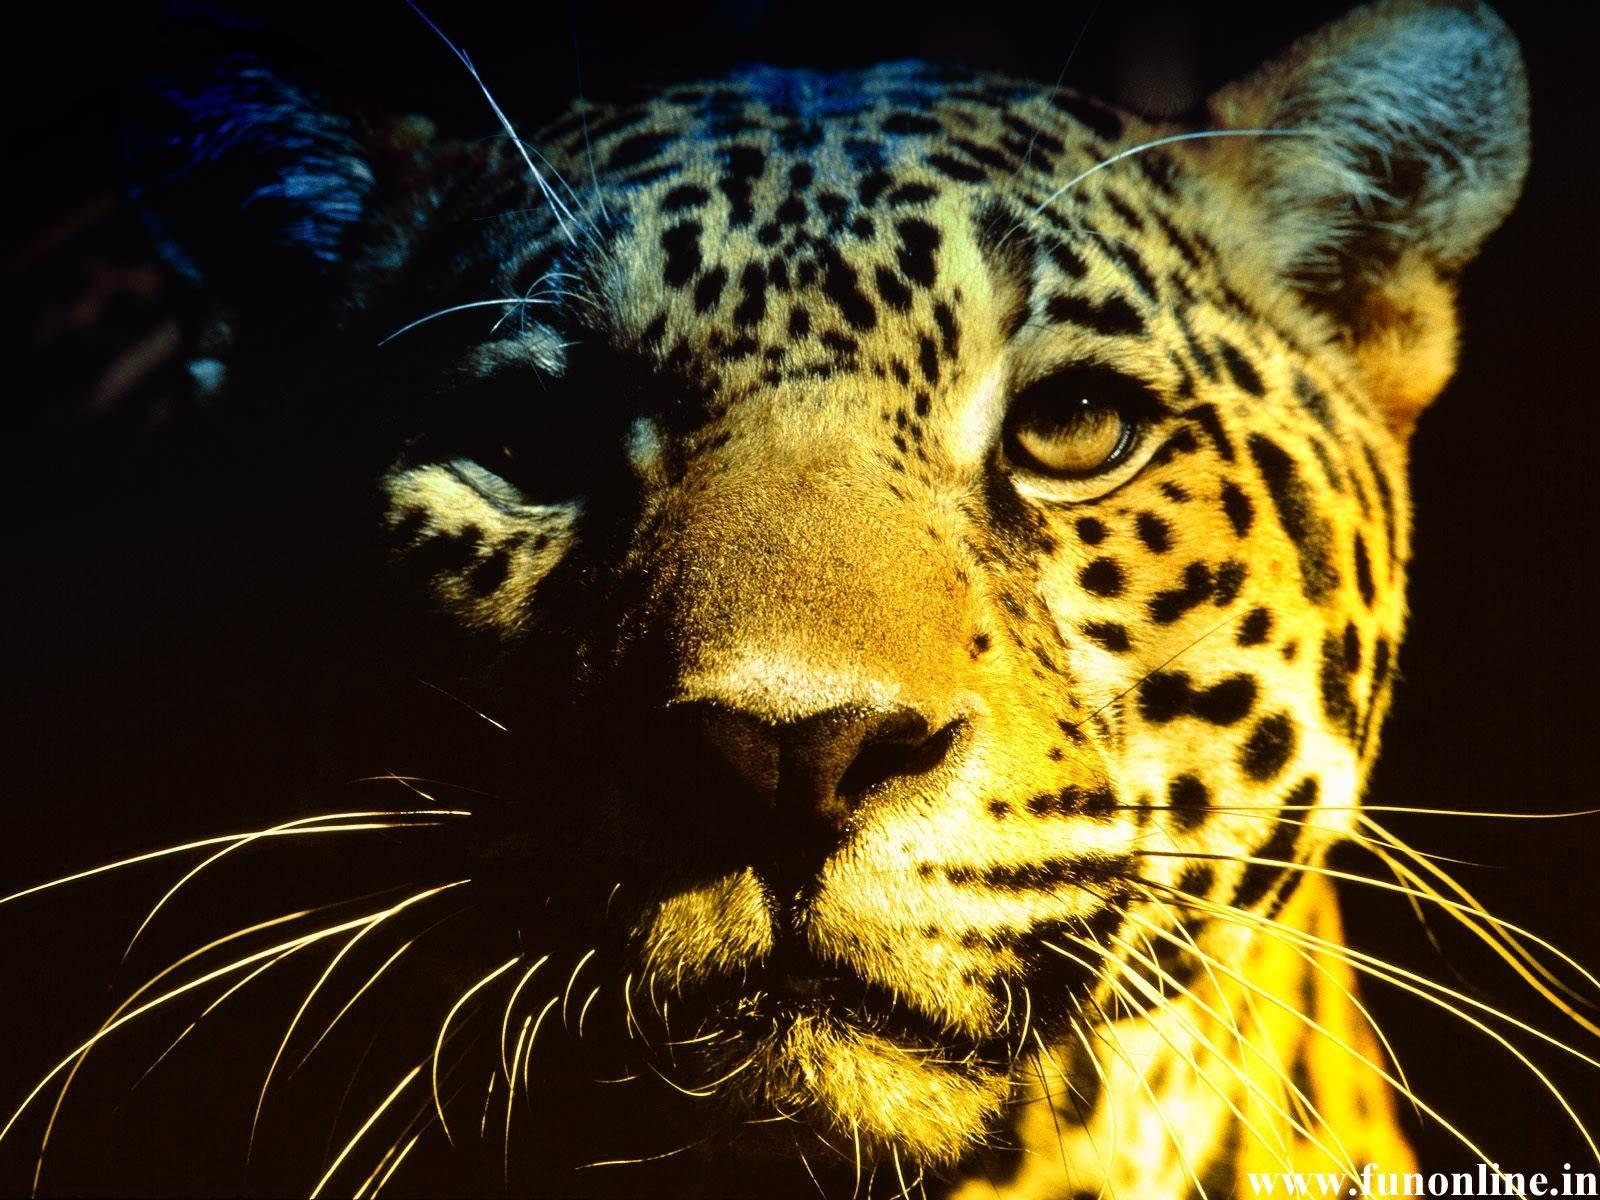 Hd wallpaper jaguar - Jaguar Wallpapers Stunning Jaguar Hd Wallpapers For Free Download